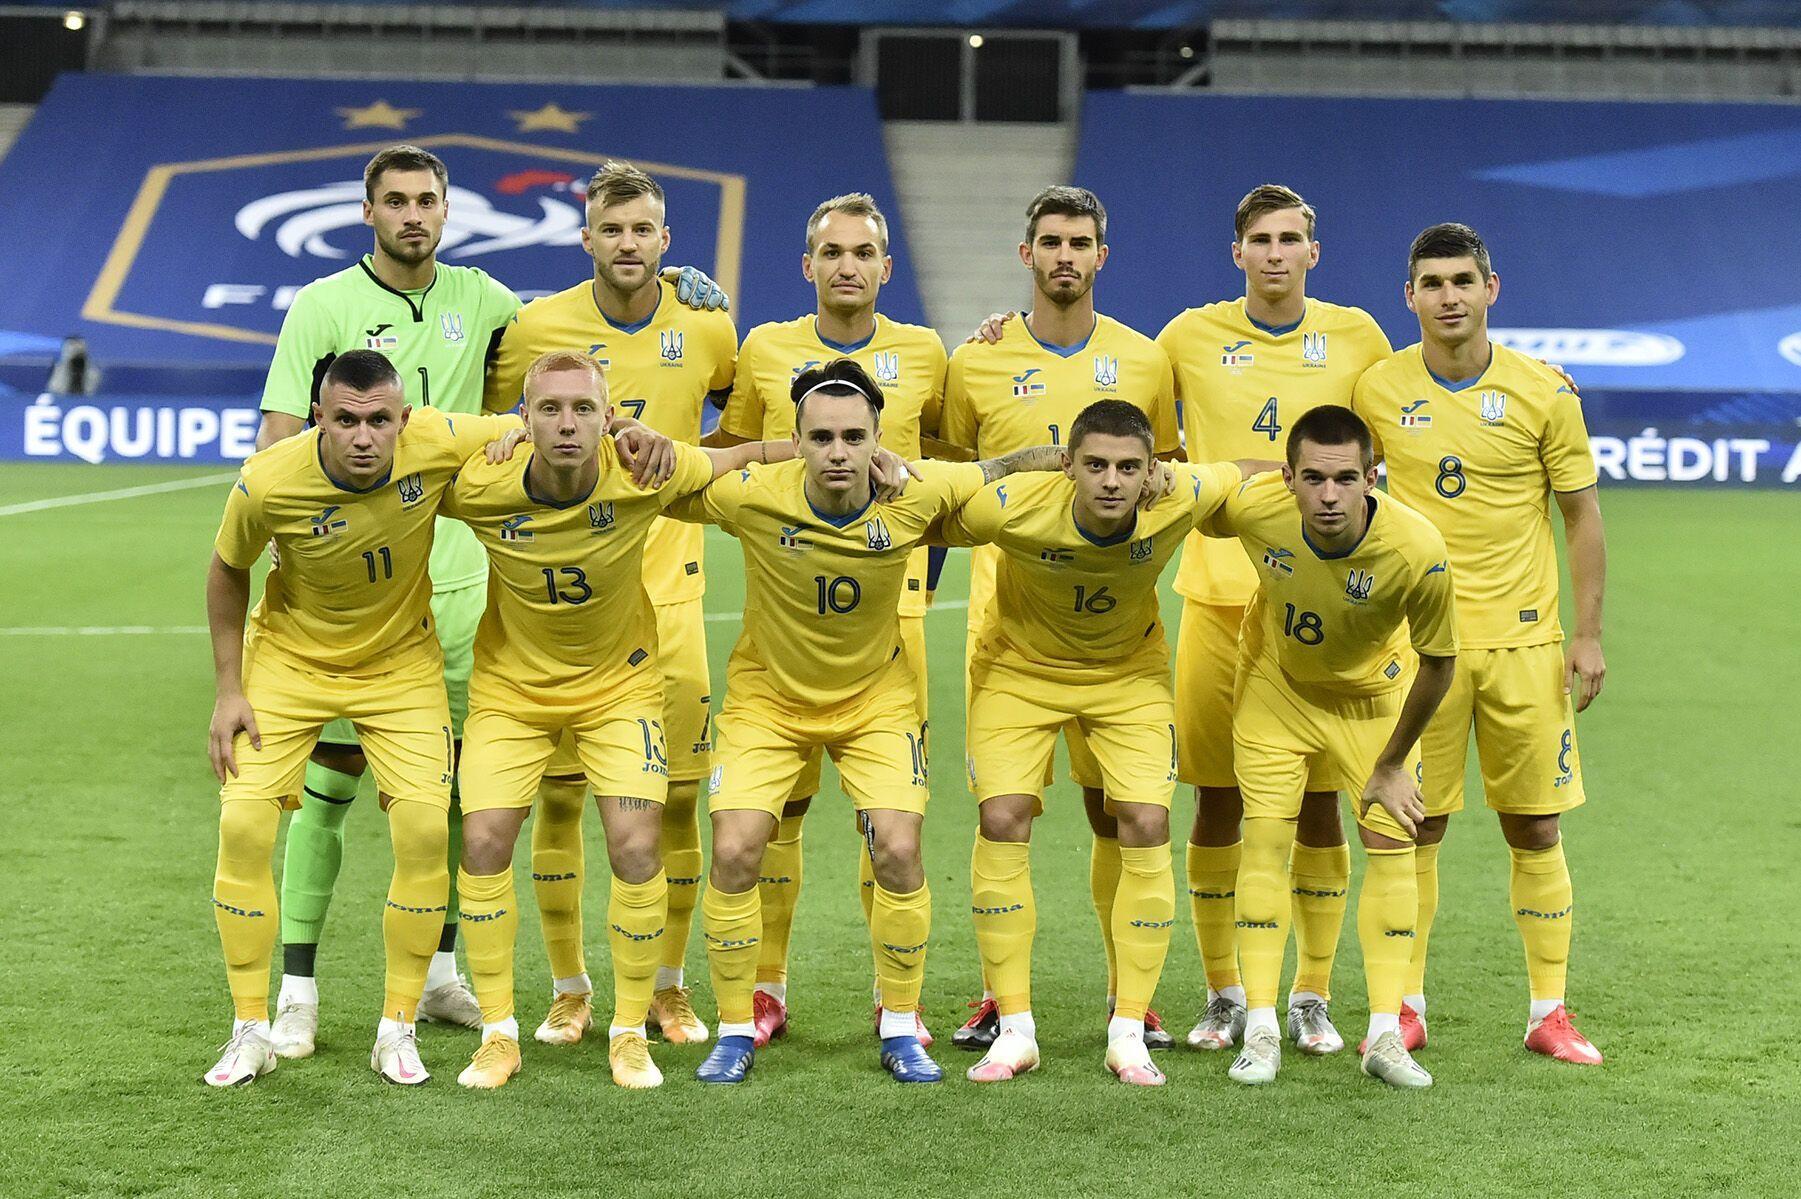 Українці перед матчем із французами 8 жовтня 2020 року.